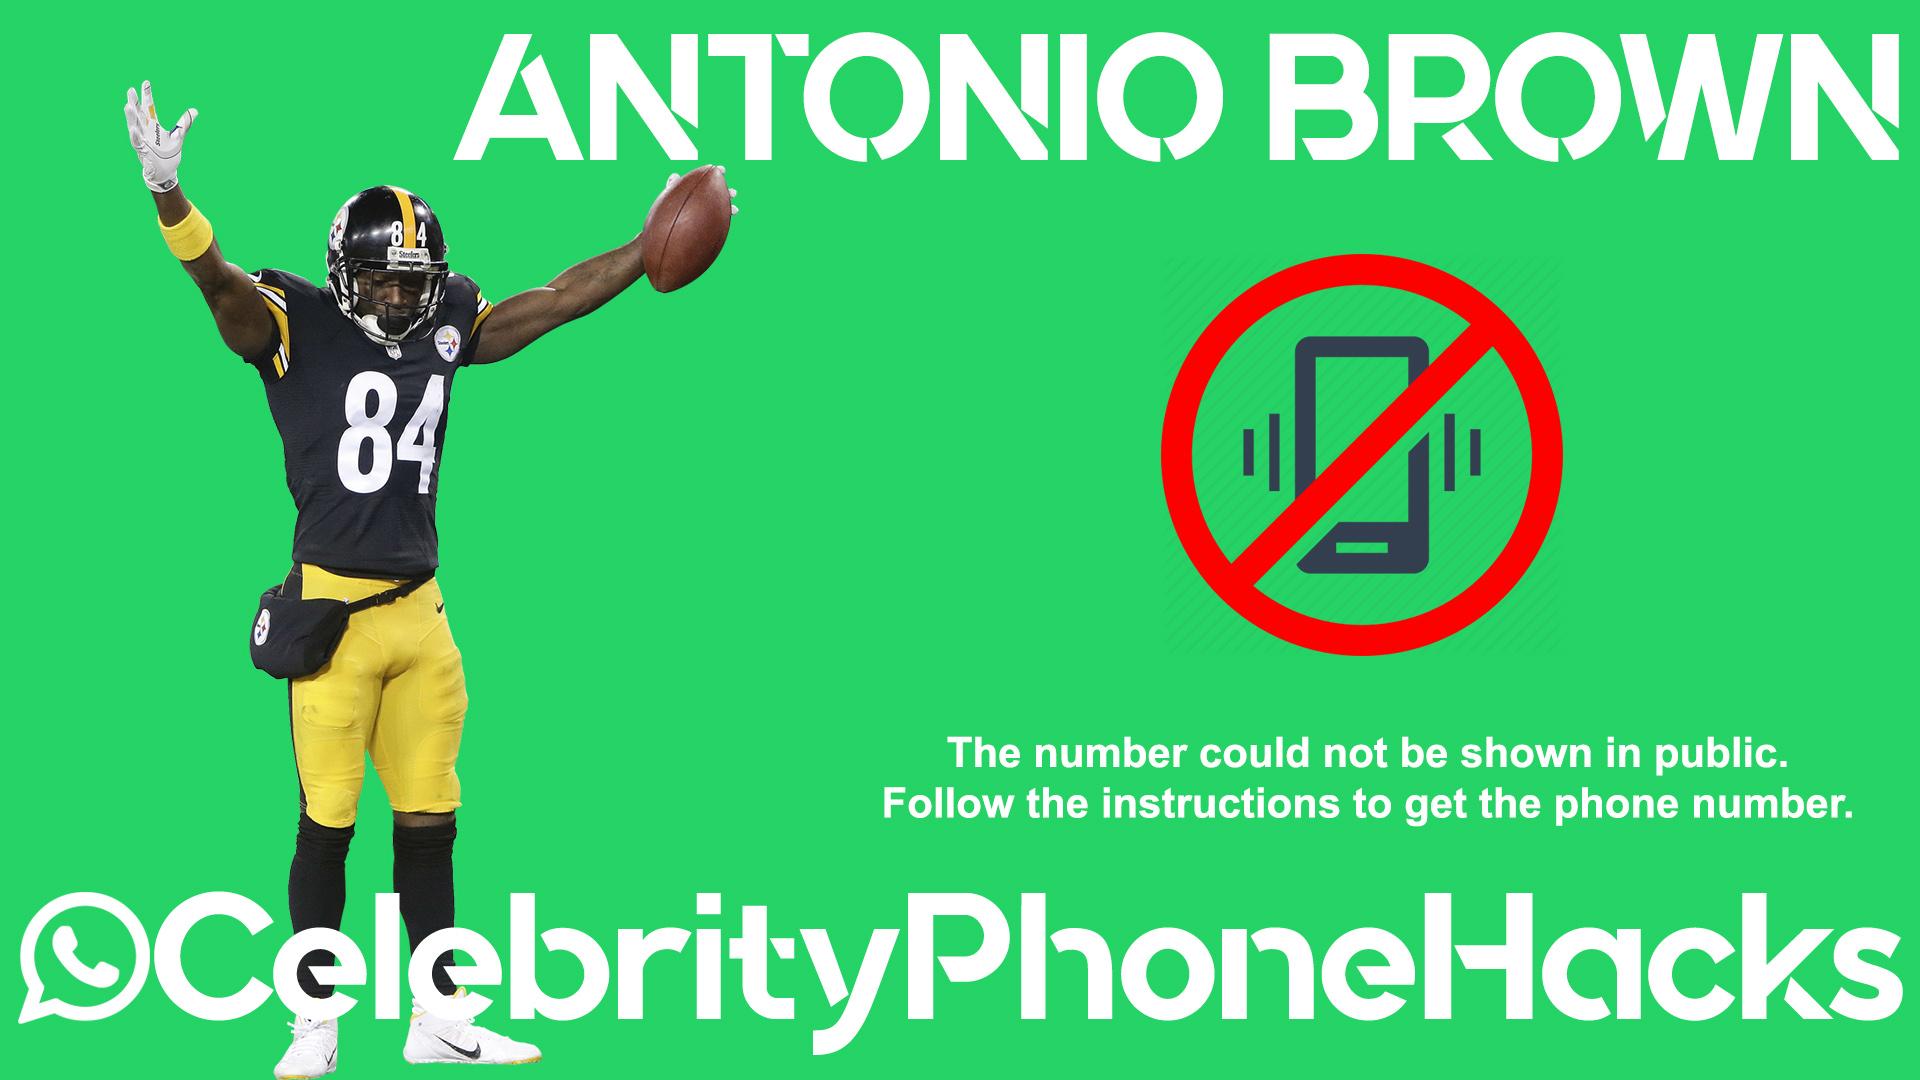 Antonio Brown real phone number 2019 whatsapp hacked leaked